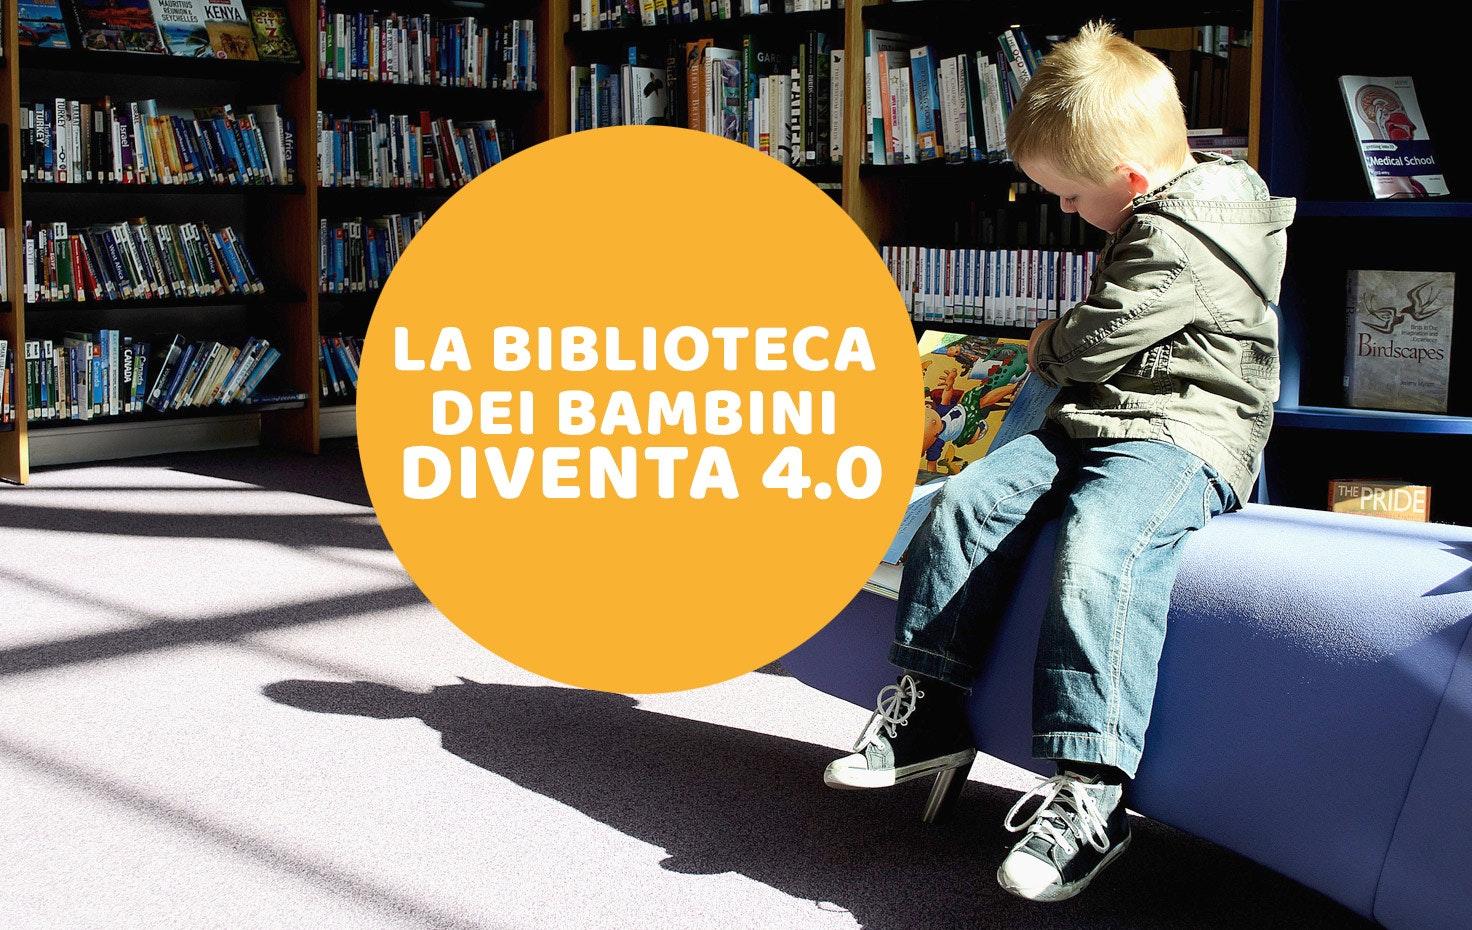 La biblioteca dei bambini diventa 4.0